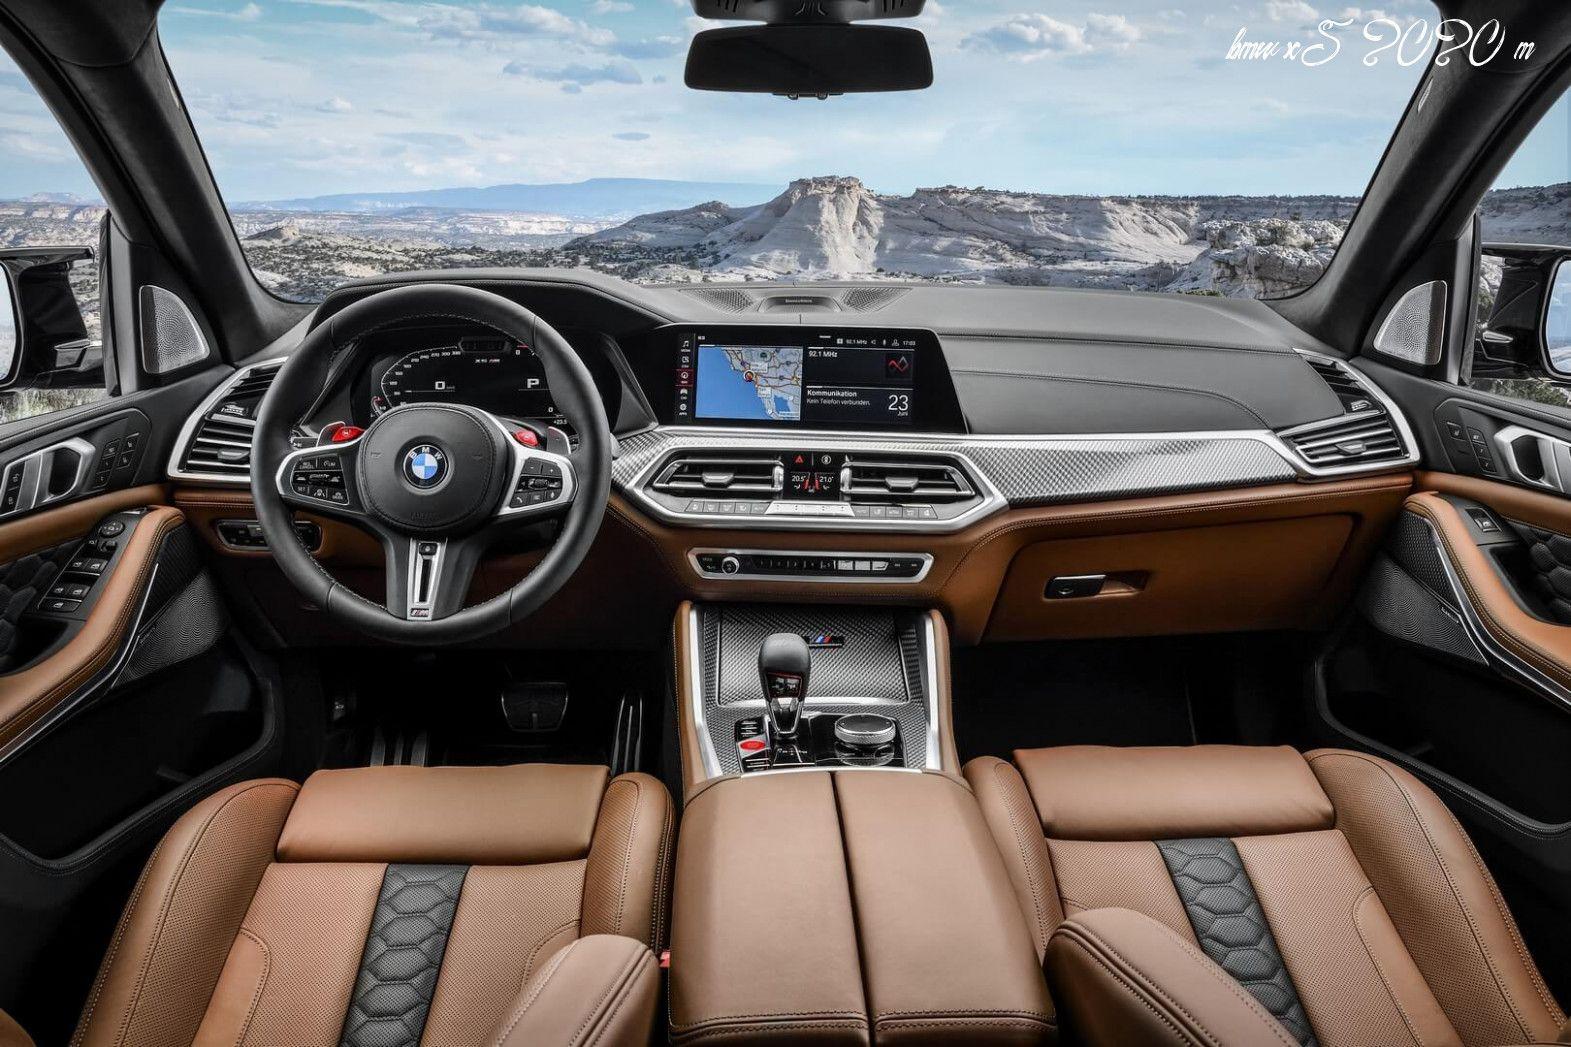 Bmw X5 2020 M Reviews En 2020 Carros Y Motos Autos